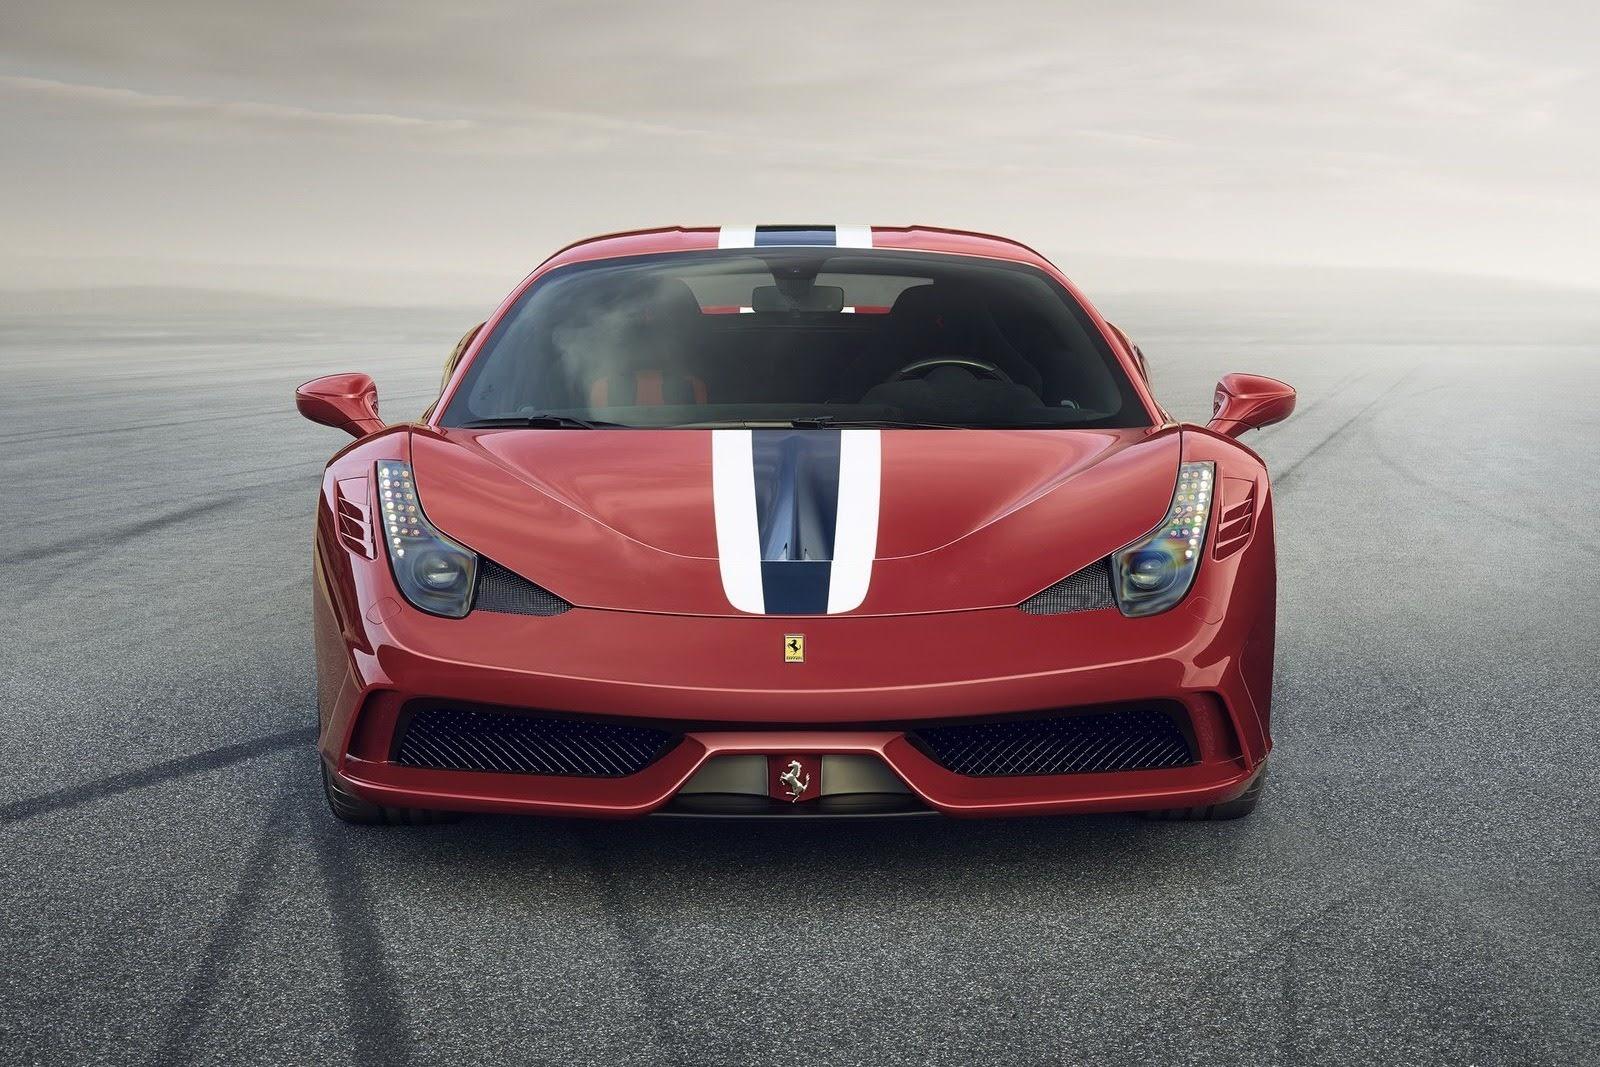 La voiture de mes rêves est une Ferrari 458 Spéciale !